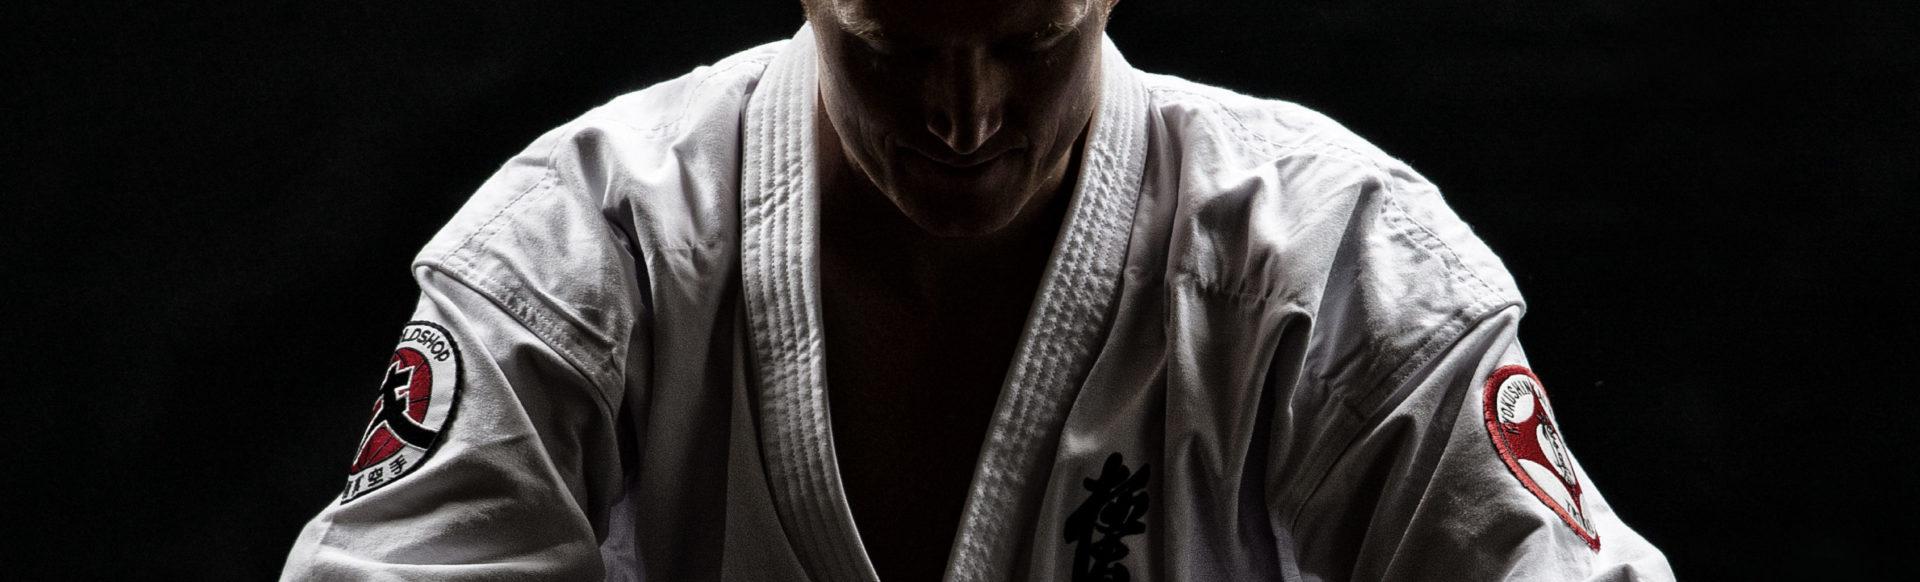 Kyokushinkai-Syllabus